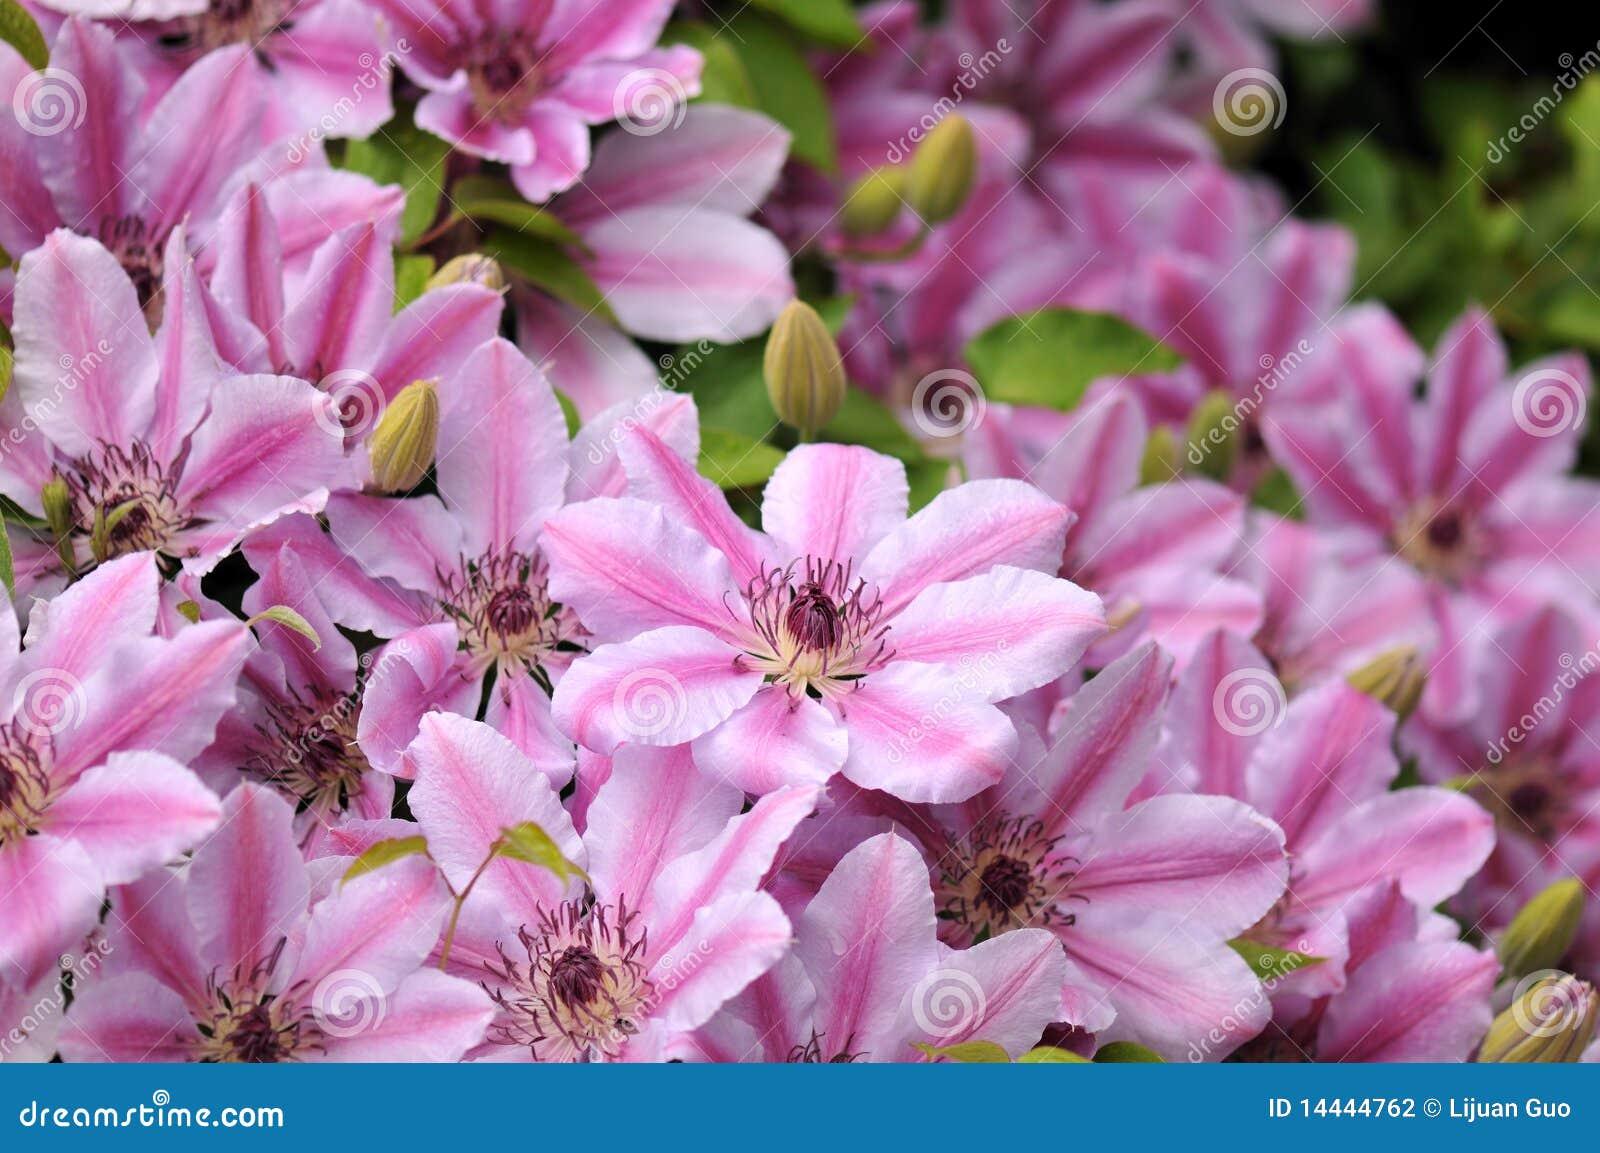 ροζ της Νέλλυ clematis moser